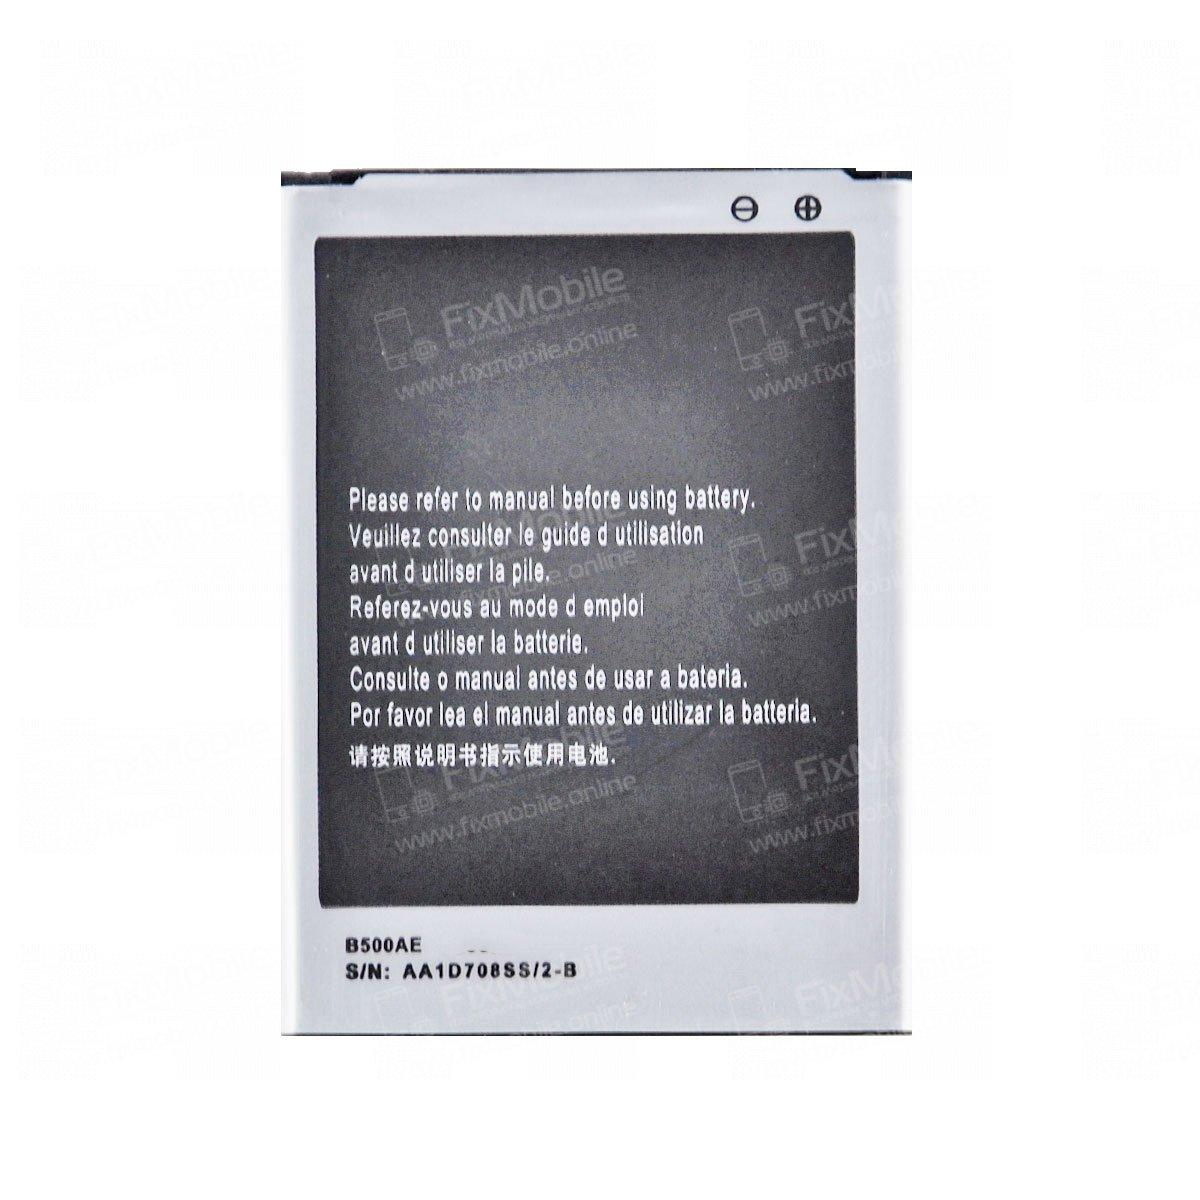 Аккумуляторная батарея для Samsung Galaxy S4 mini (i9190) B500AE